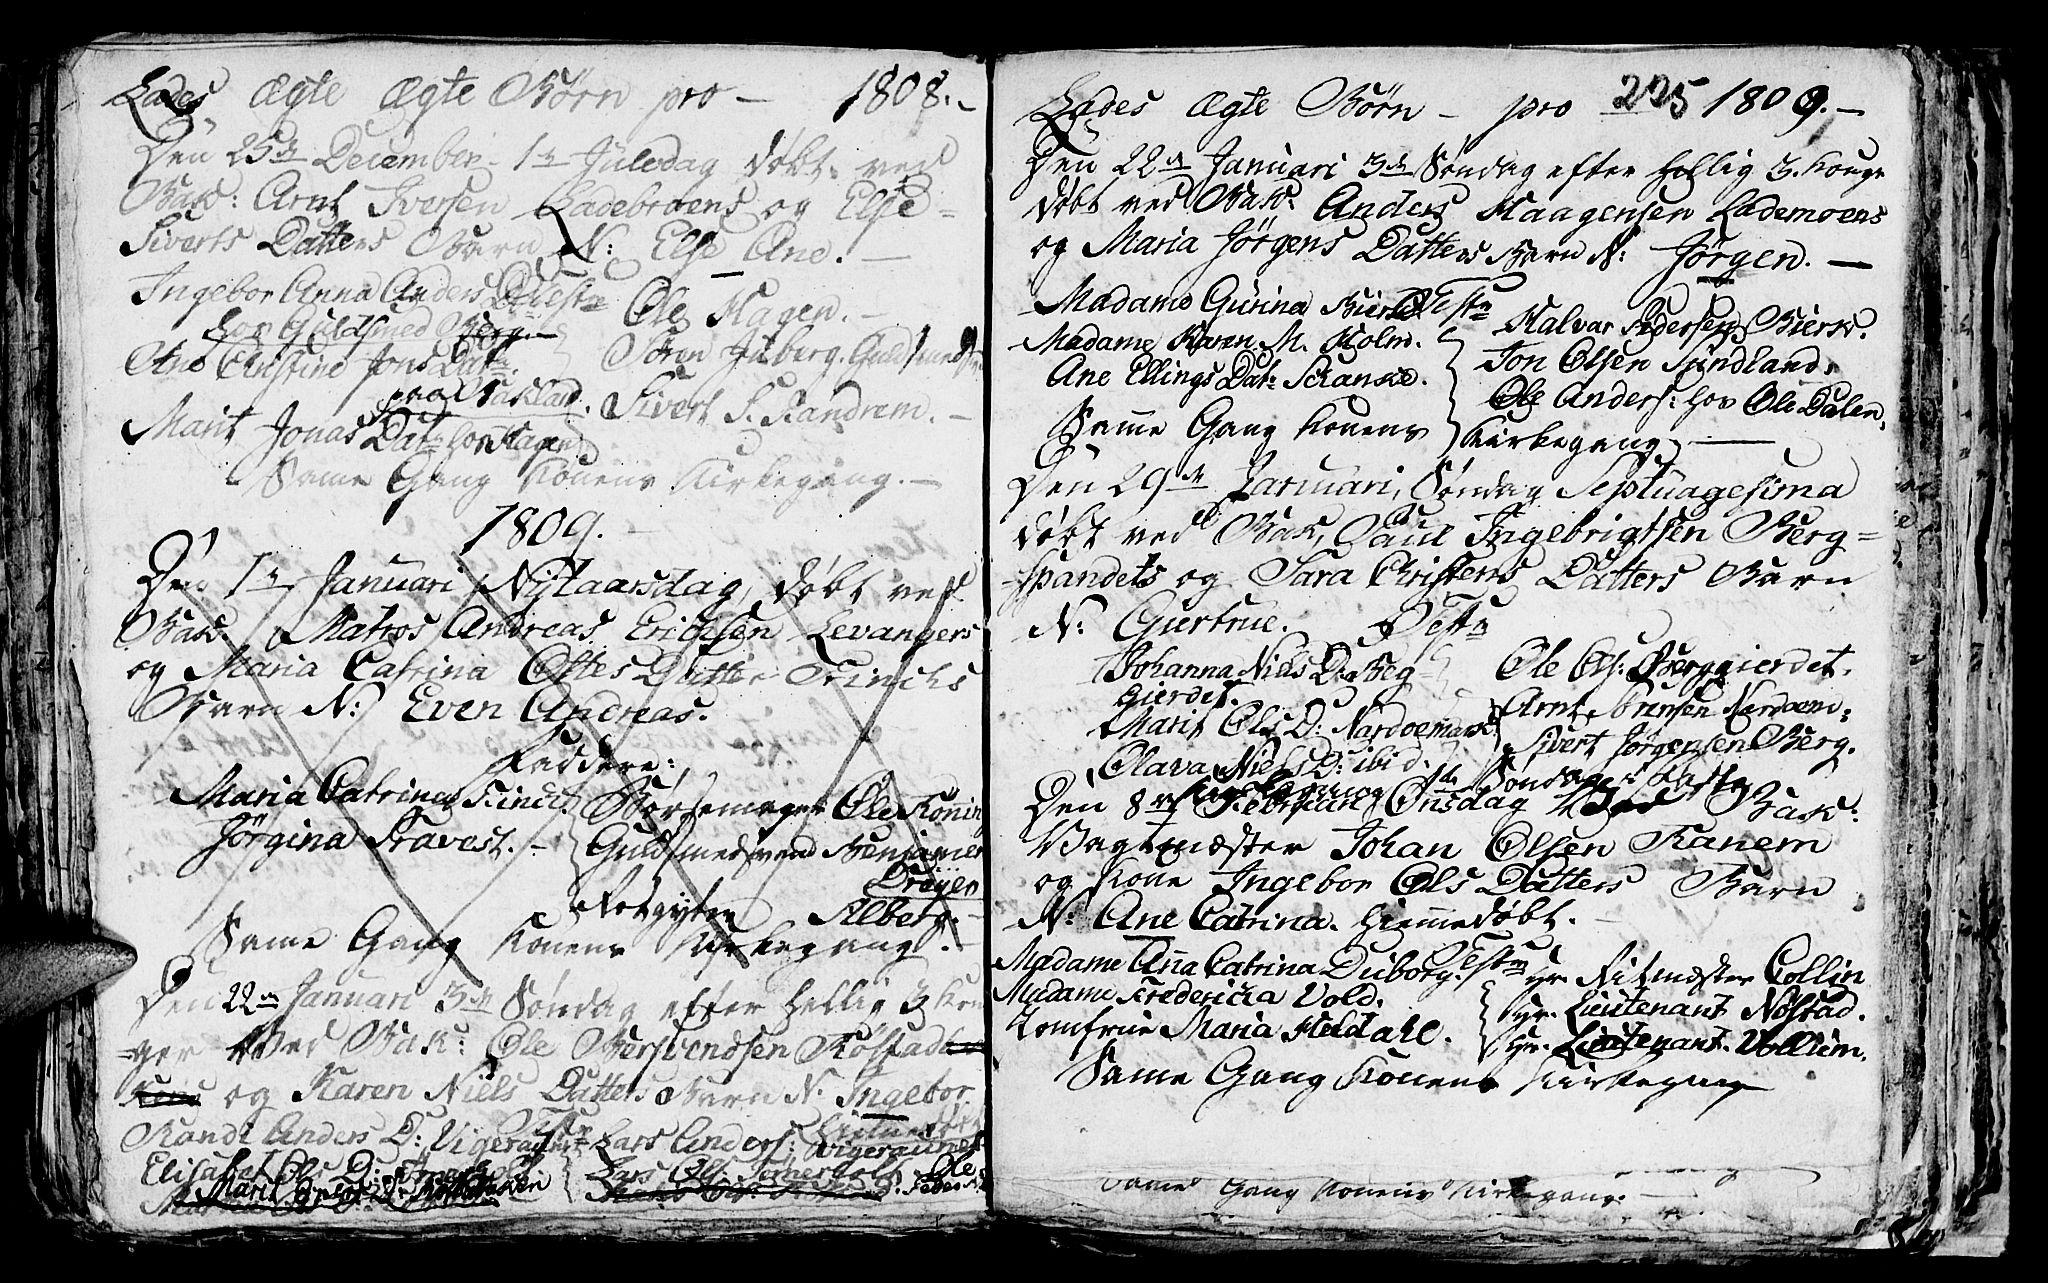 SAT, Ministerialprotokoller, klokkerbøker og fødselsregistre - Sør-Trøndelag, 606/L0305: Klokkerbok nr. 606C01, 1757-1819, s. 225